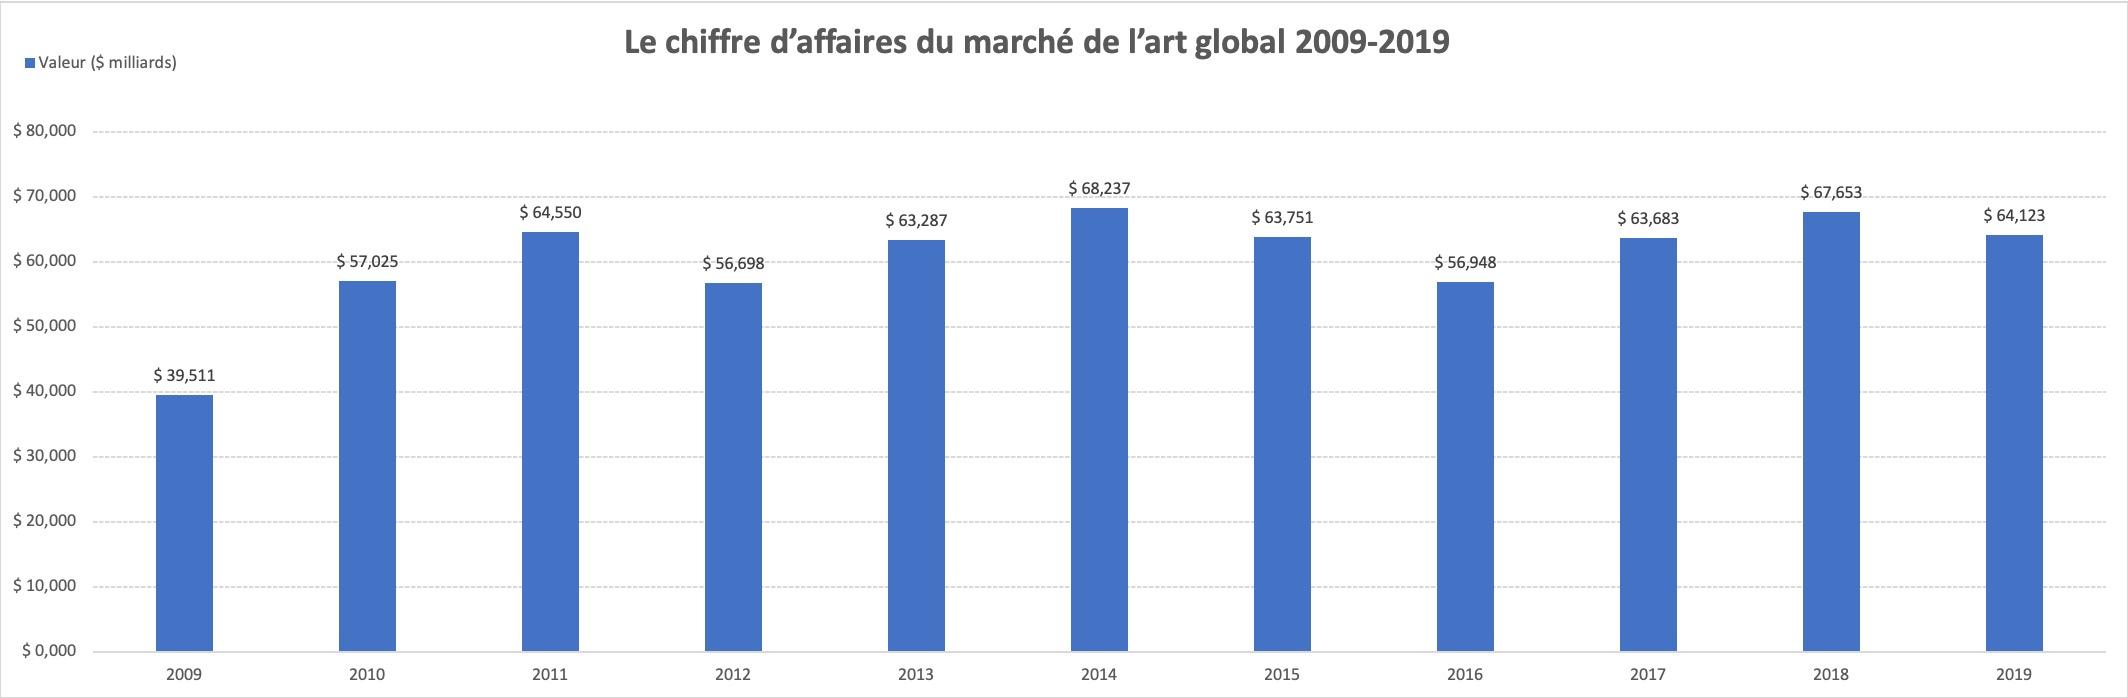 [Marché de l'art] Vue d'ensemble du marché de l'art mondial 2009-2019